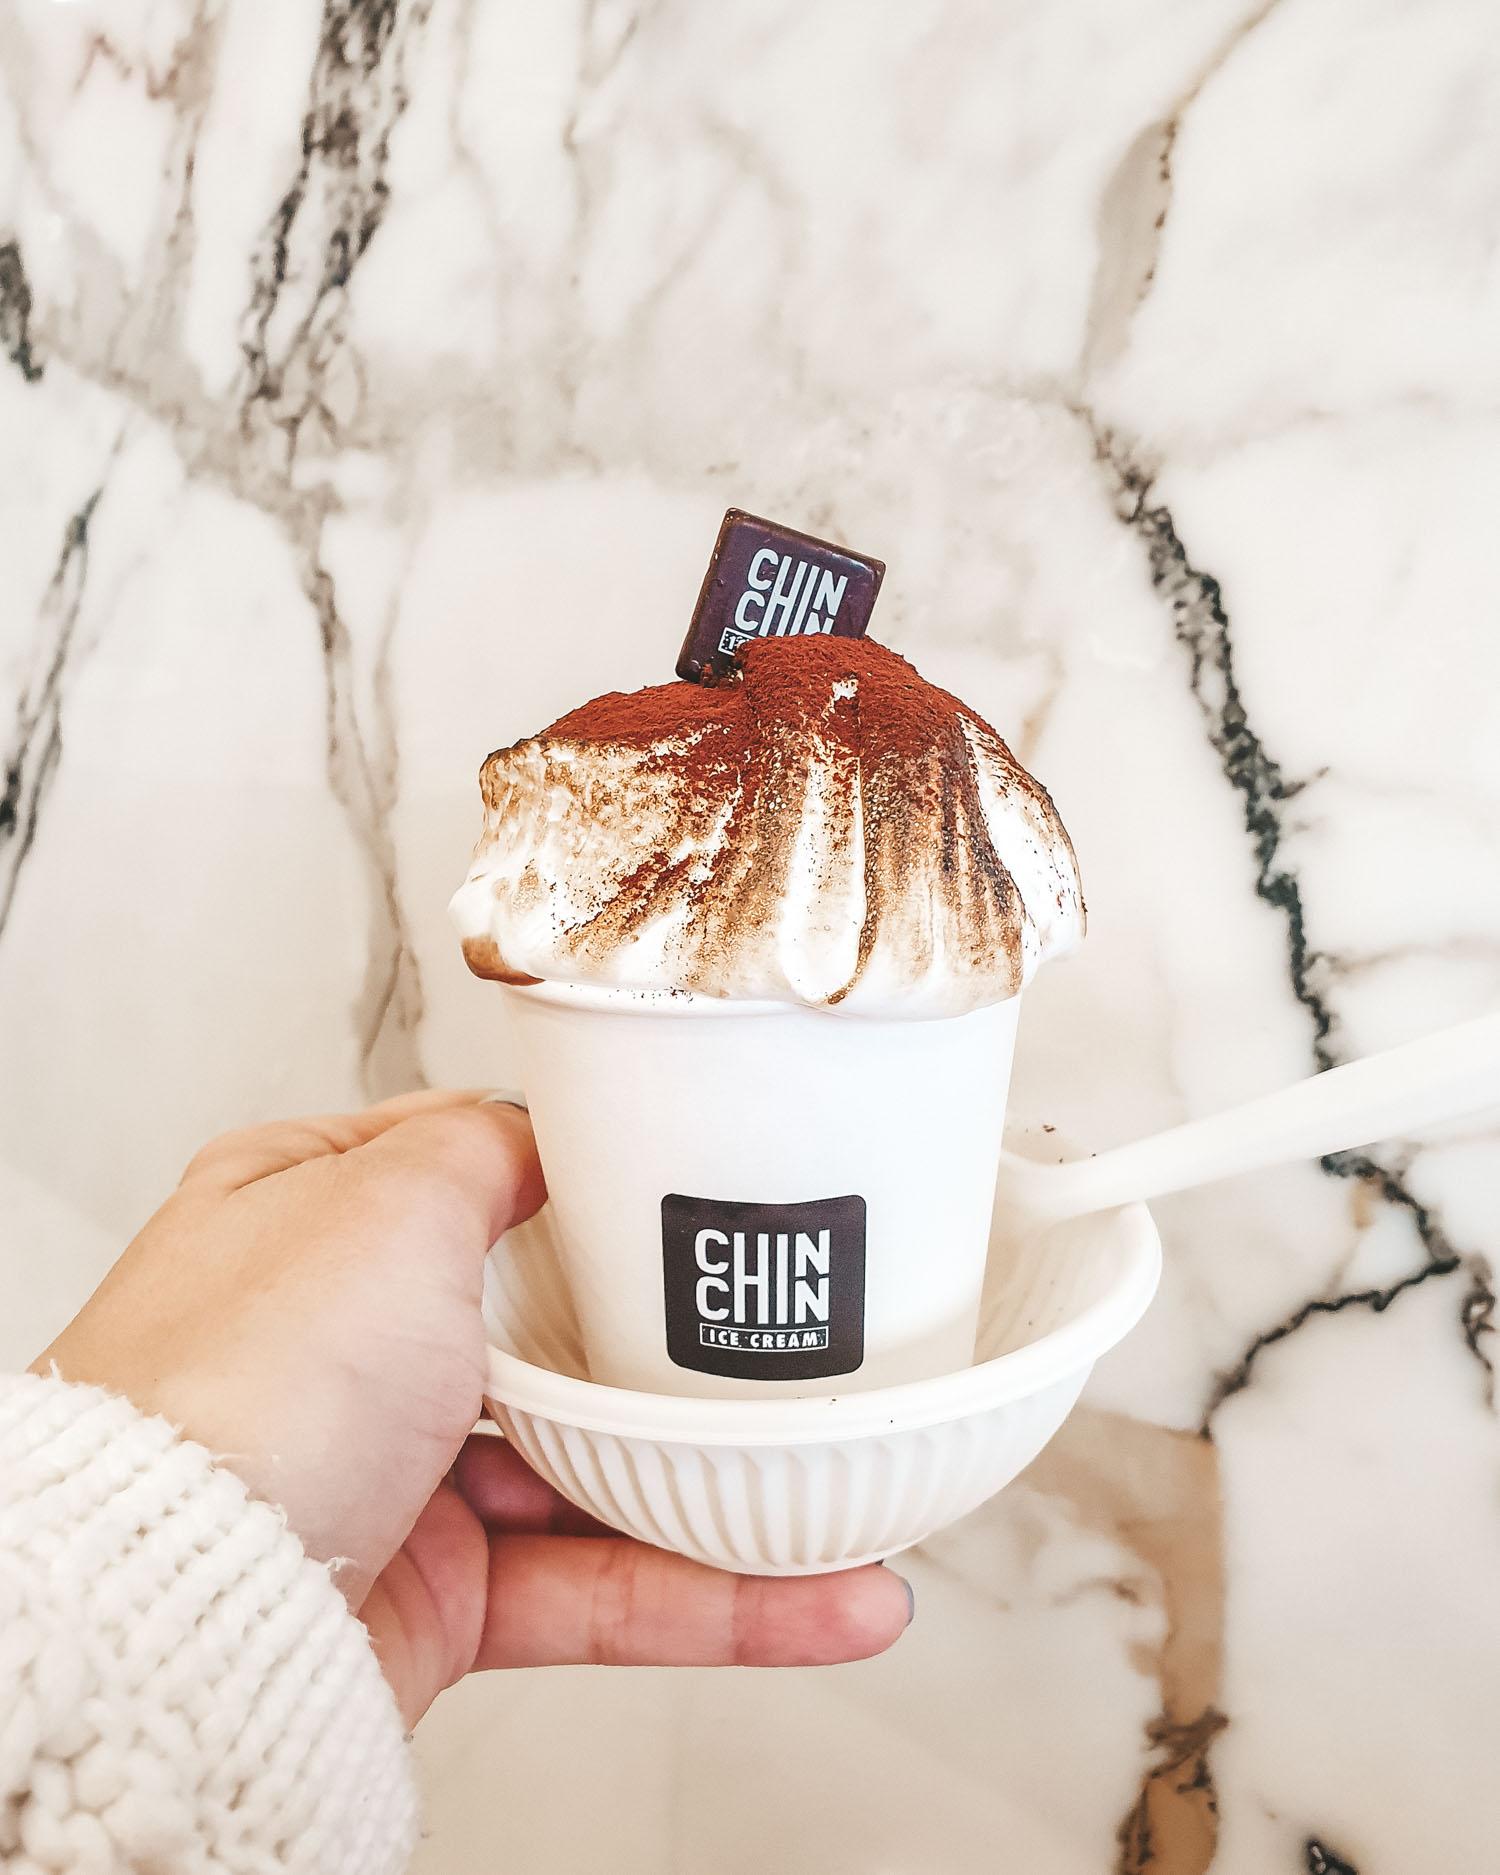 Chin Chin hot chocolate